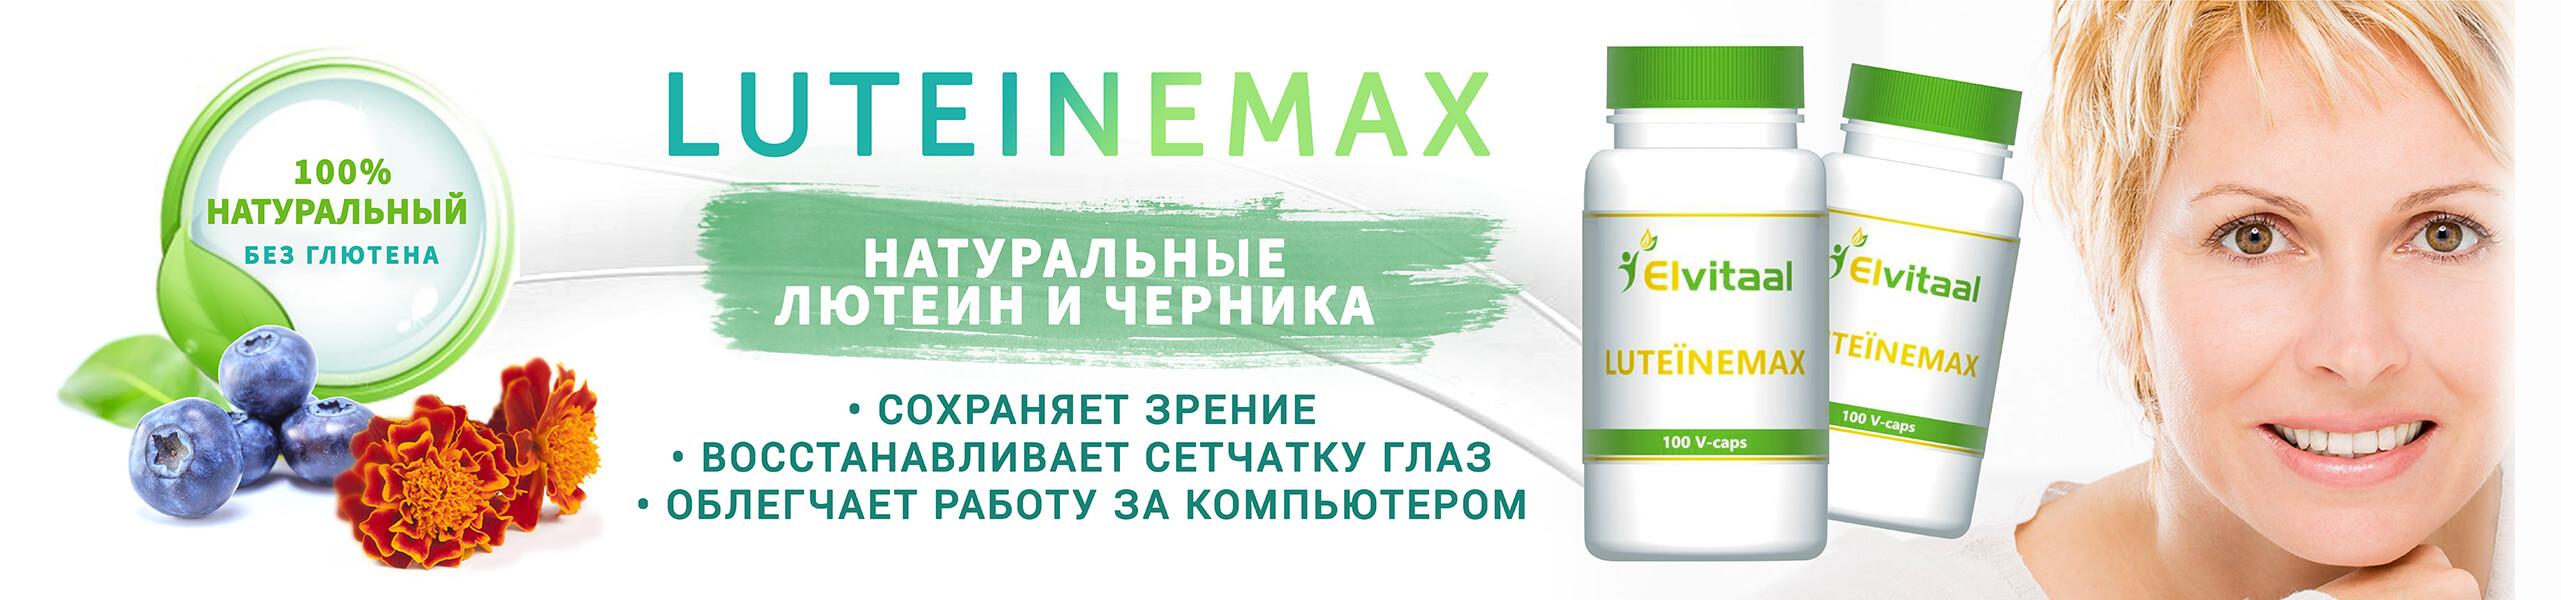 Luteinmax Elvitaal витамины высшего качества